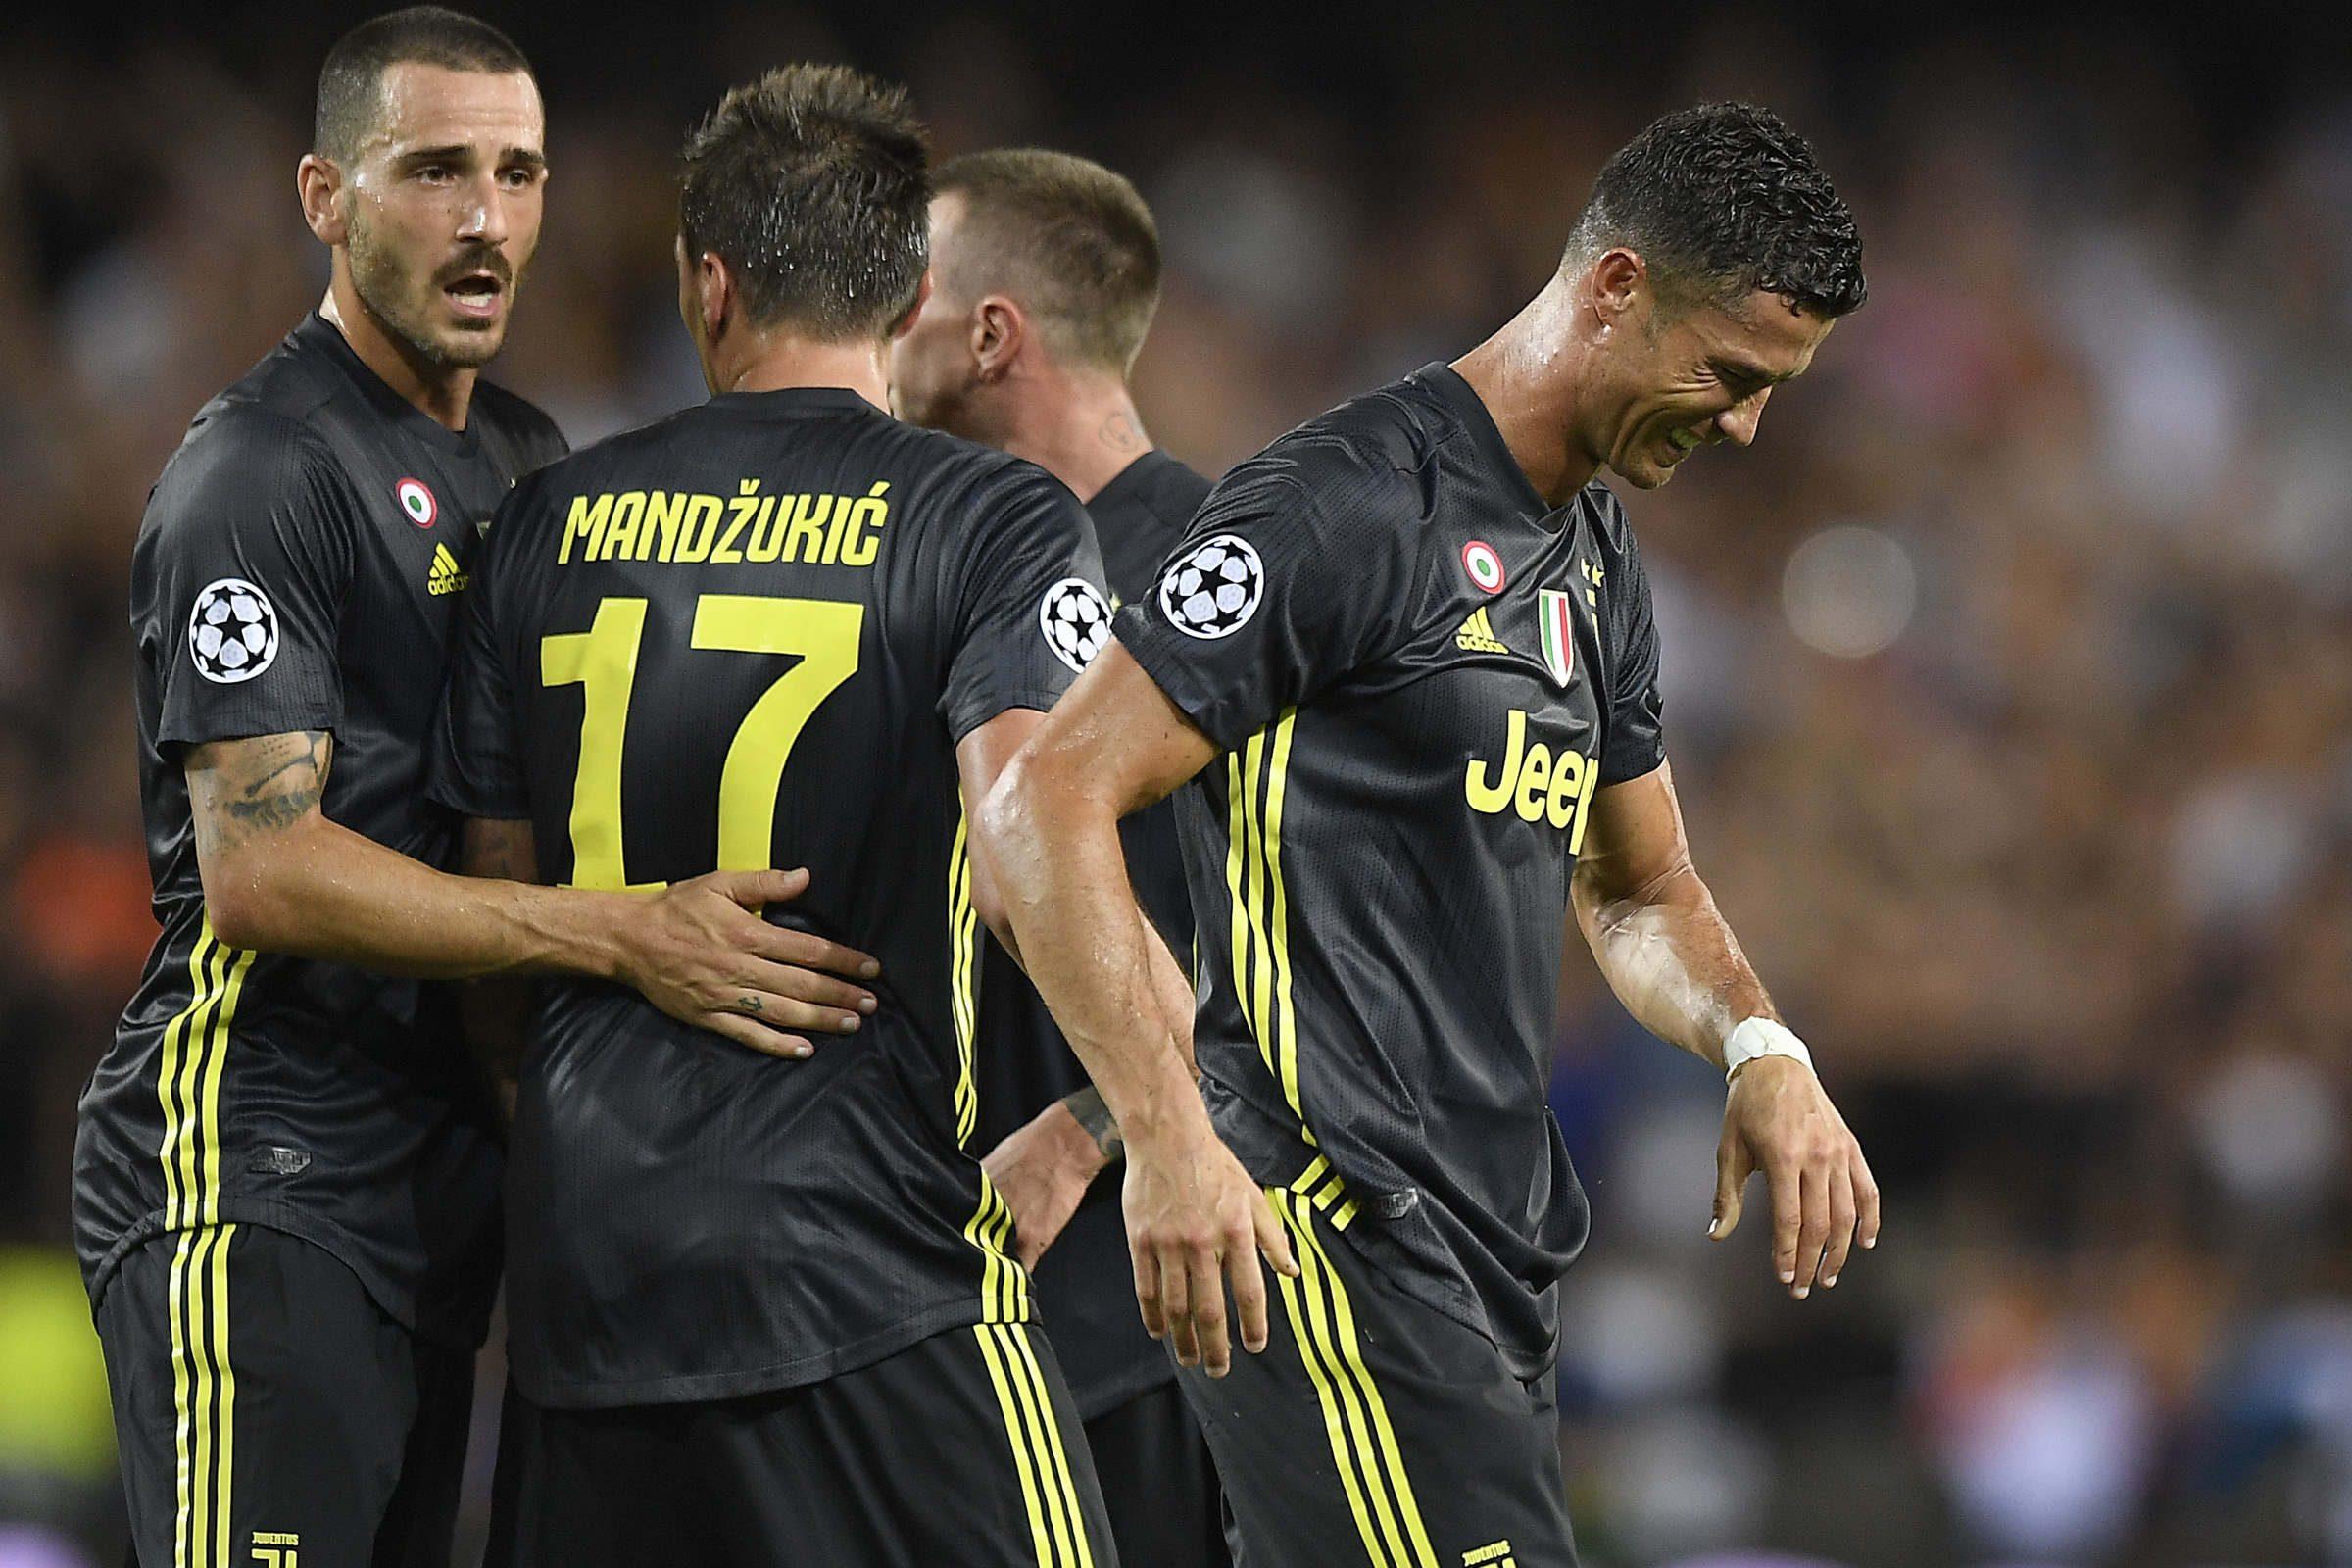 Ronaldo espulso, Nedved scatenato: